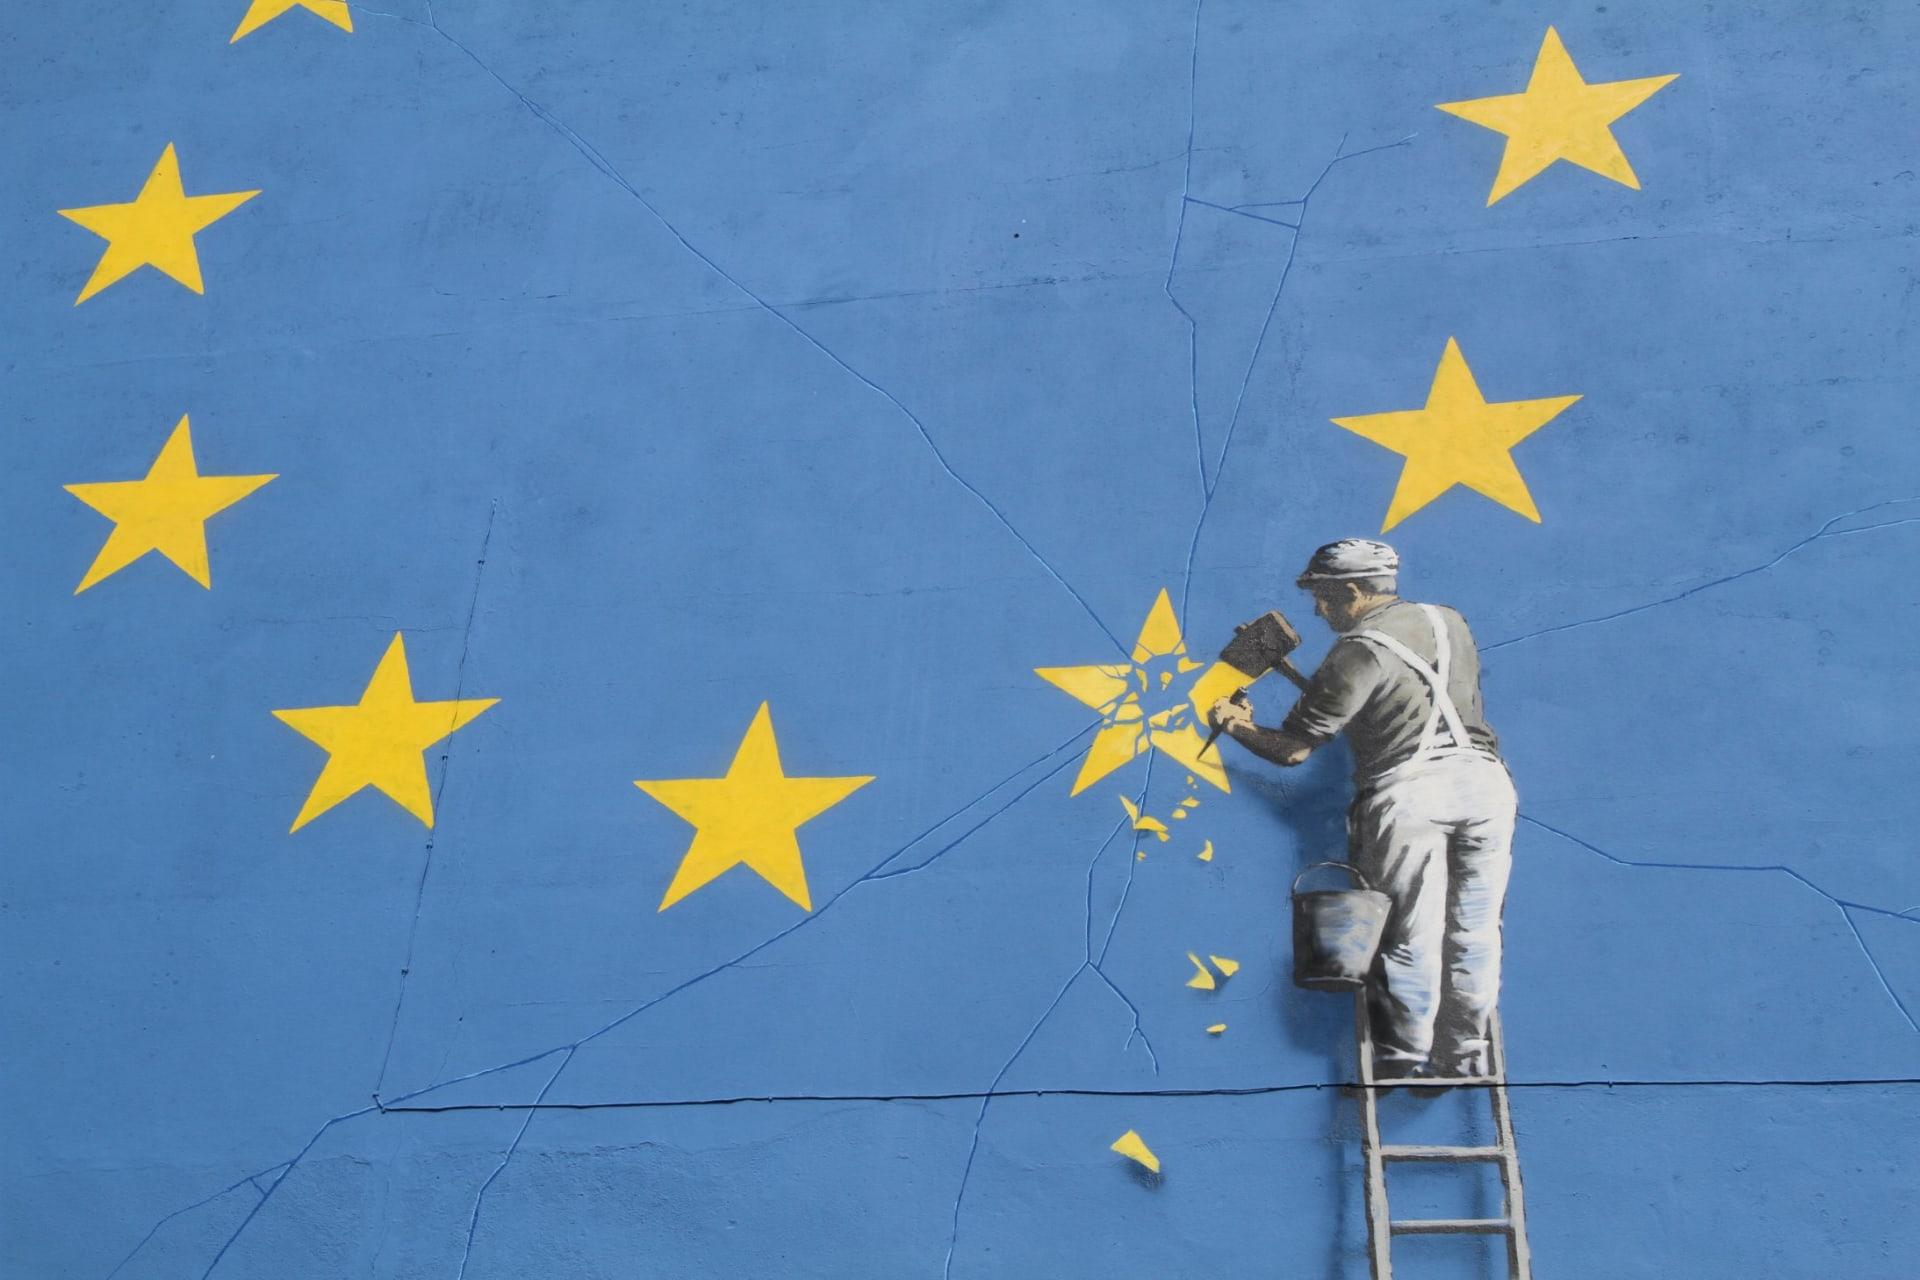 """ما سر اختفاء لوحة """"بريكست"""" الجدارية الشهيرة لفنان الجرافيتي بانسكي؟"""